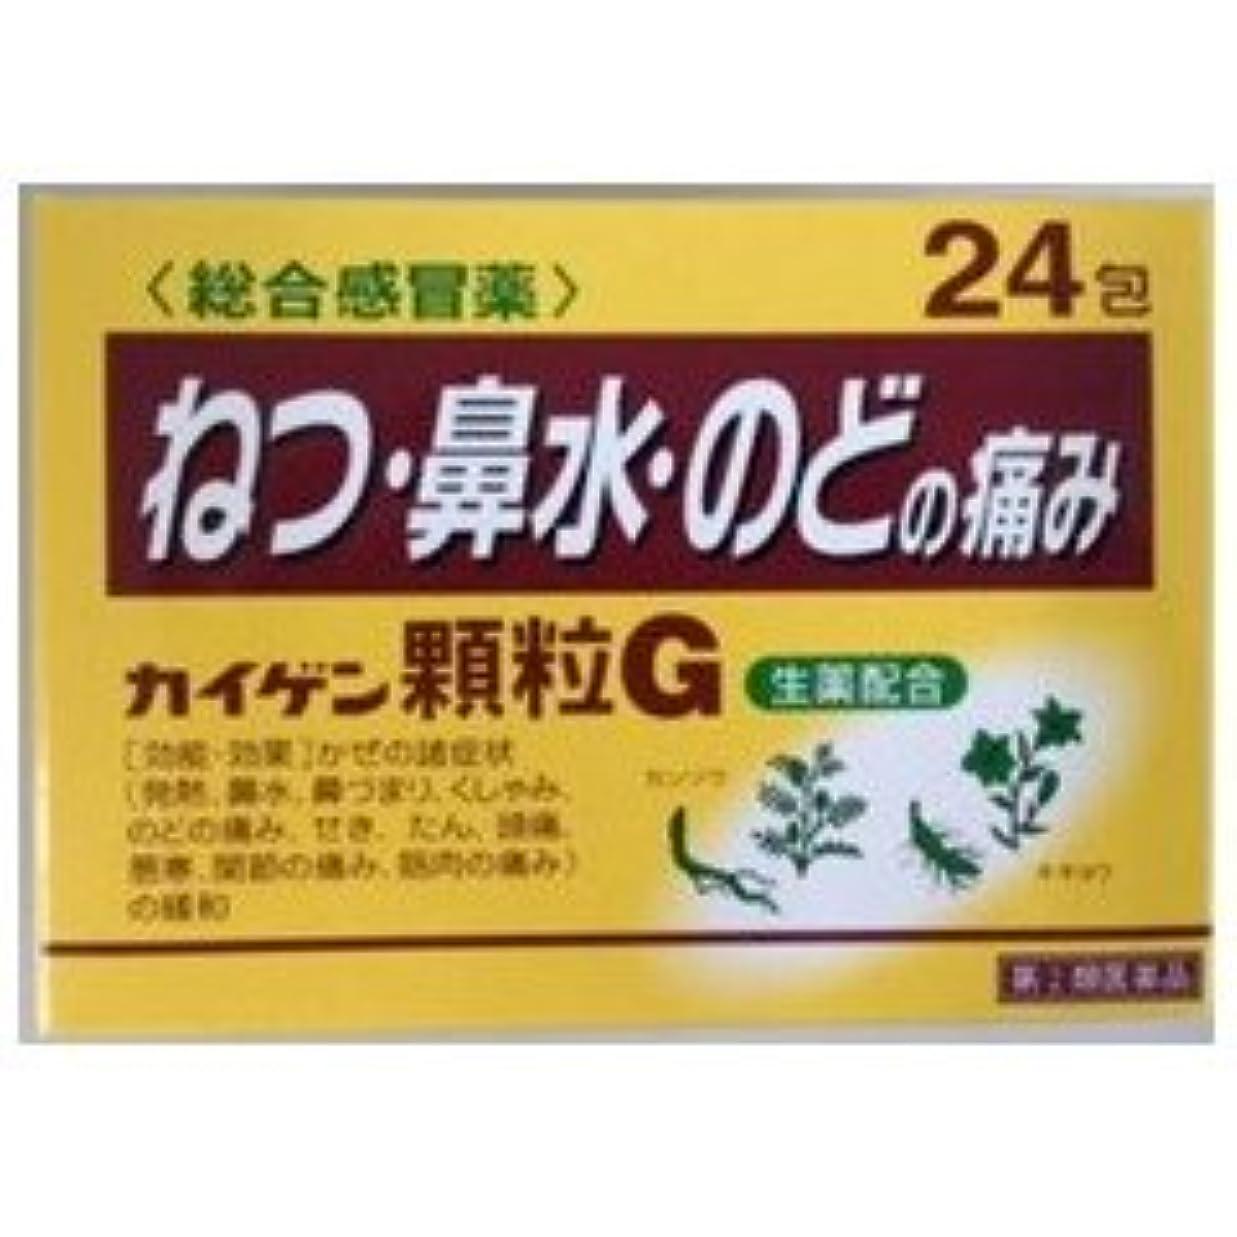 症候群グレー薬理学【指定第2類医薬品】カイゲン顆粒G 24包